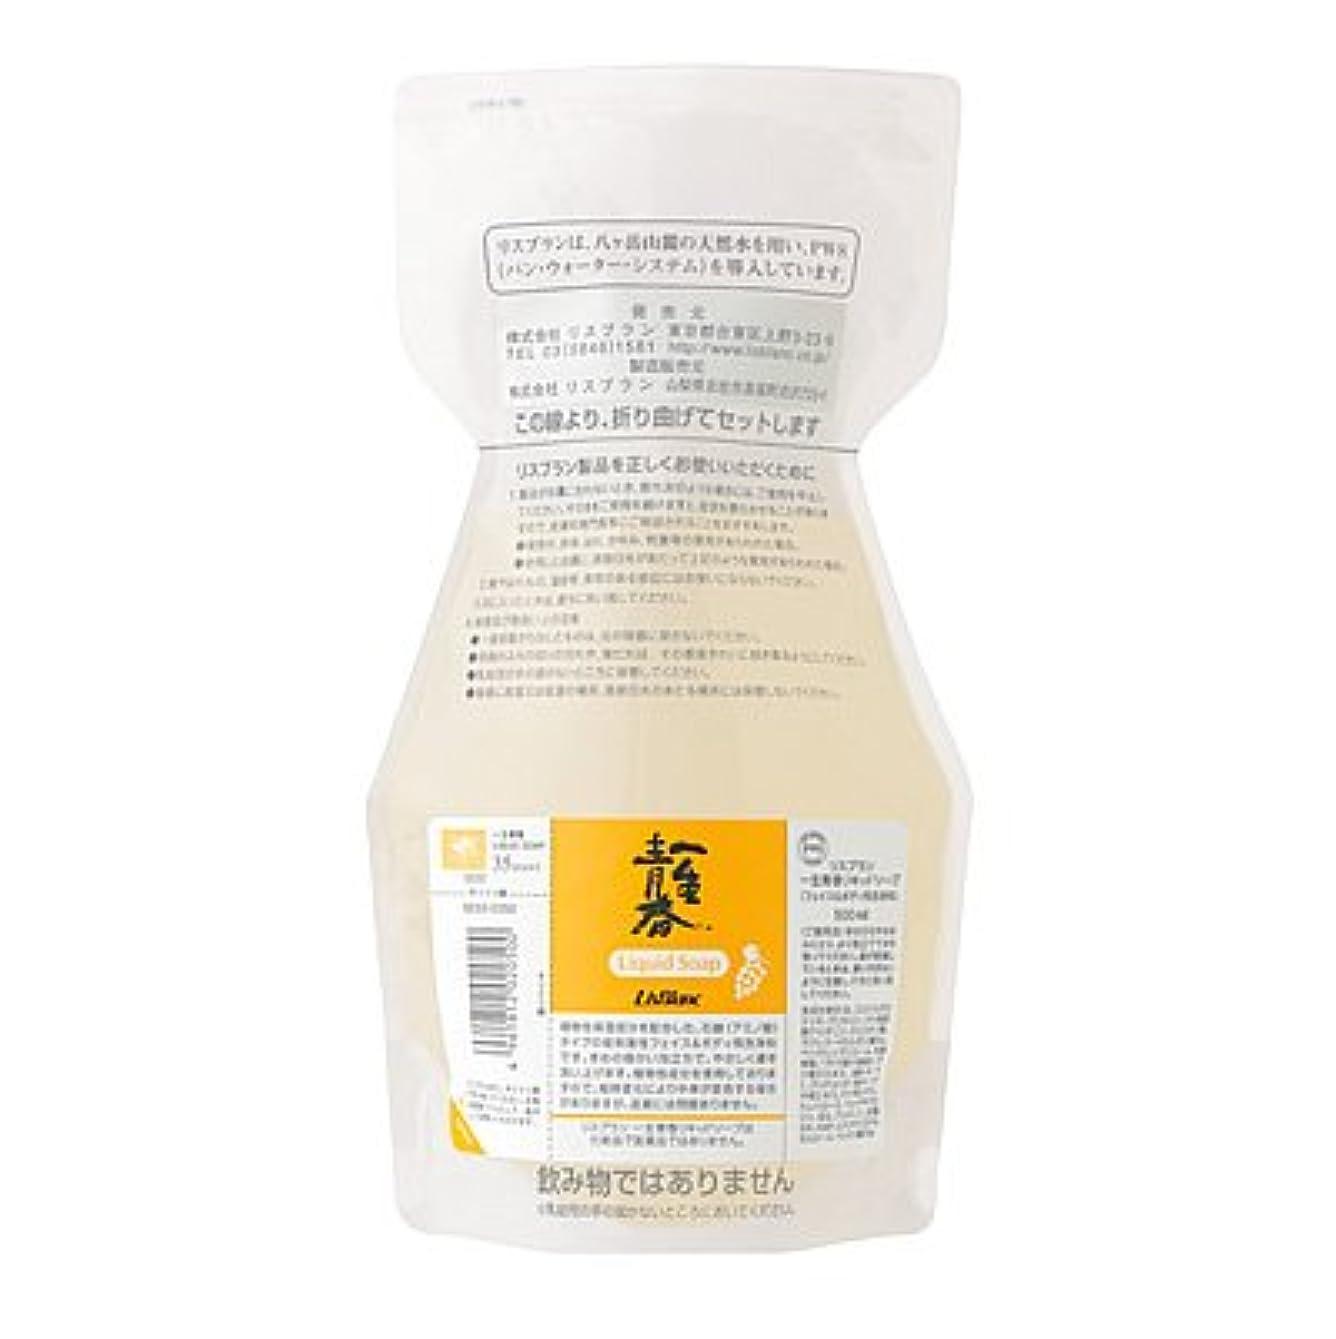 リスブラン 一生青春リキッドソープ 全身用洗浄剤 500mL 省資源パウチ袋タイプ